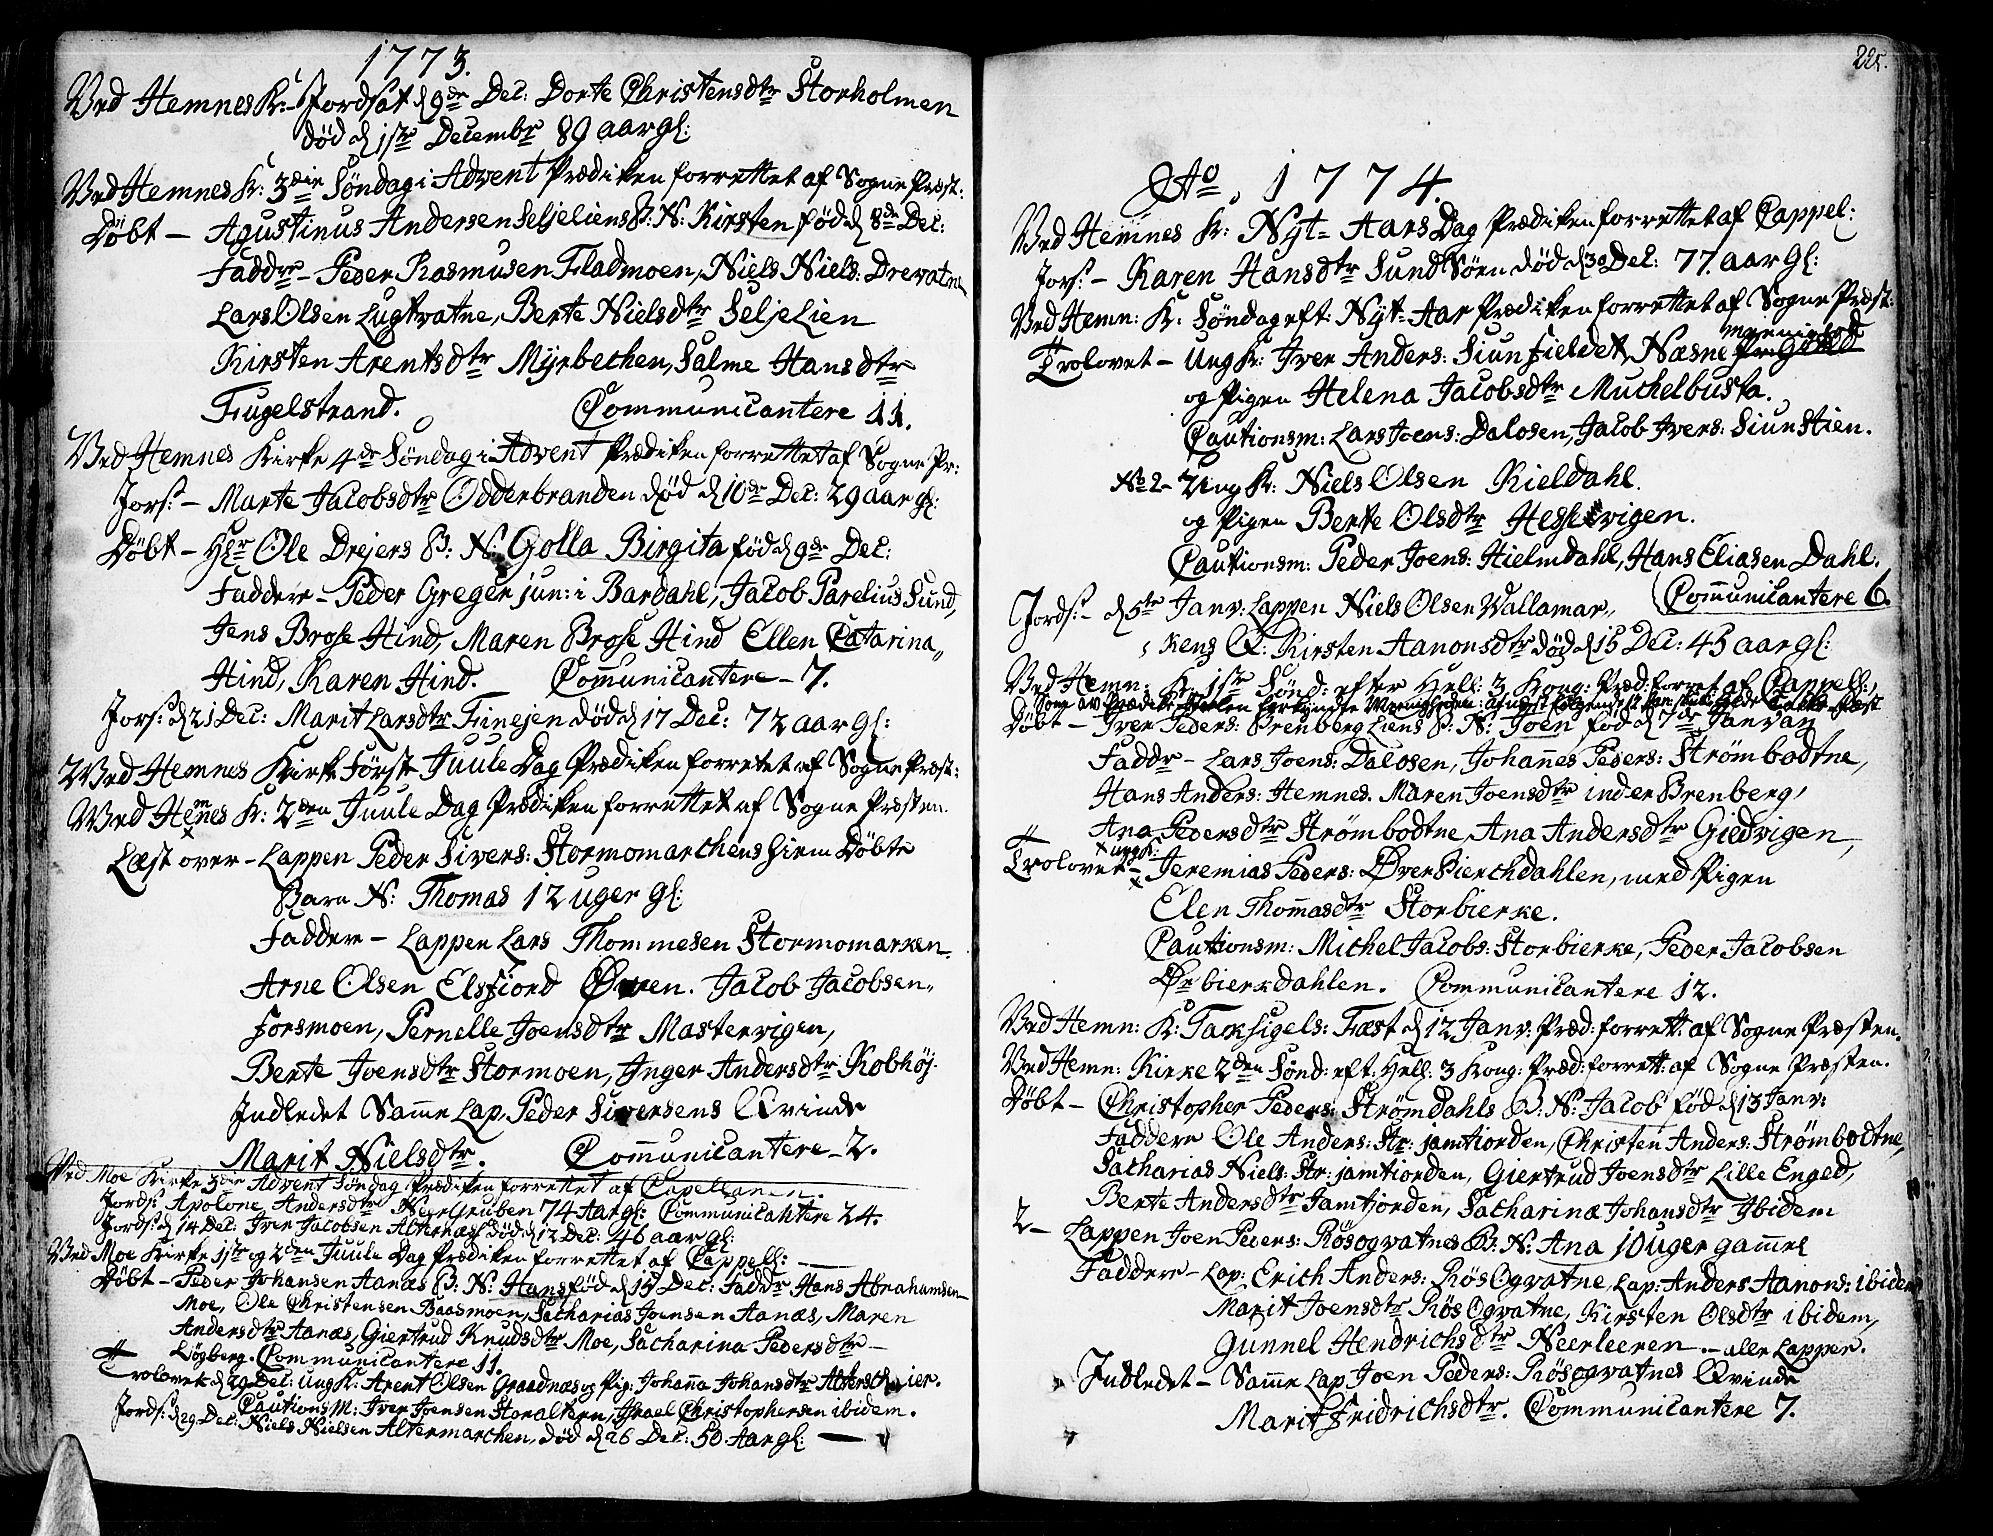 SAT, Ministerialprotokoller, klokkerbøker og fødselsregistre - Nordland, 825/L0348: Parish register (official) no. 825A04, 1752-1788, p. 225